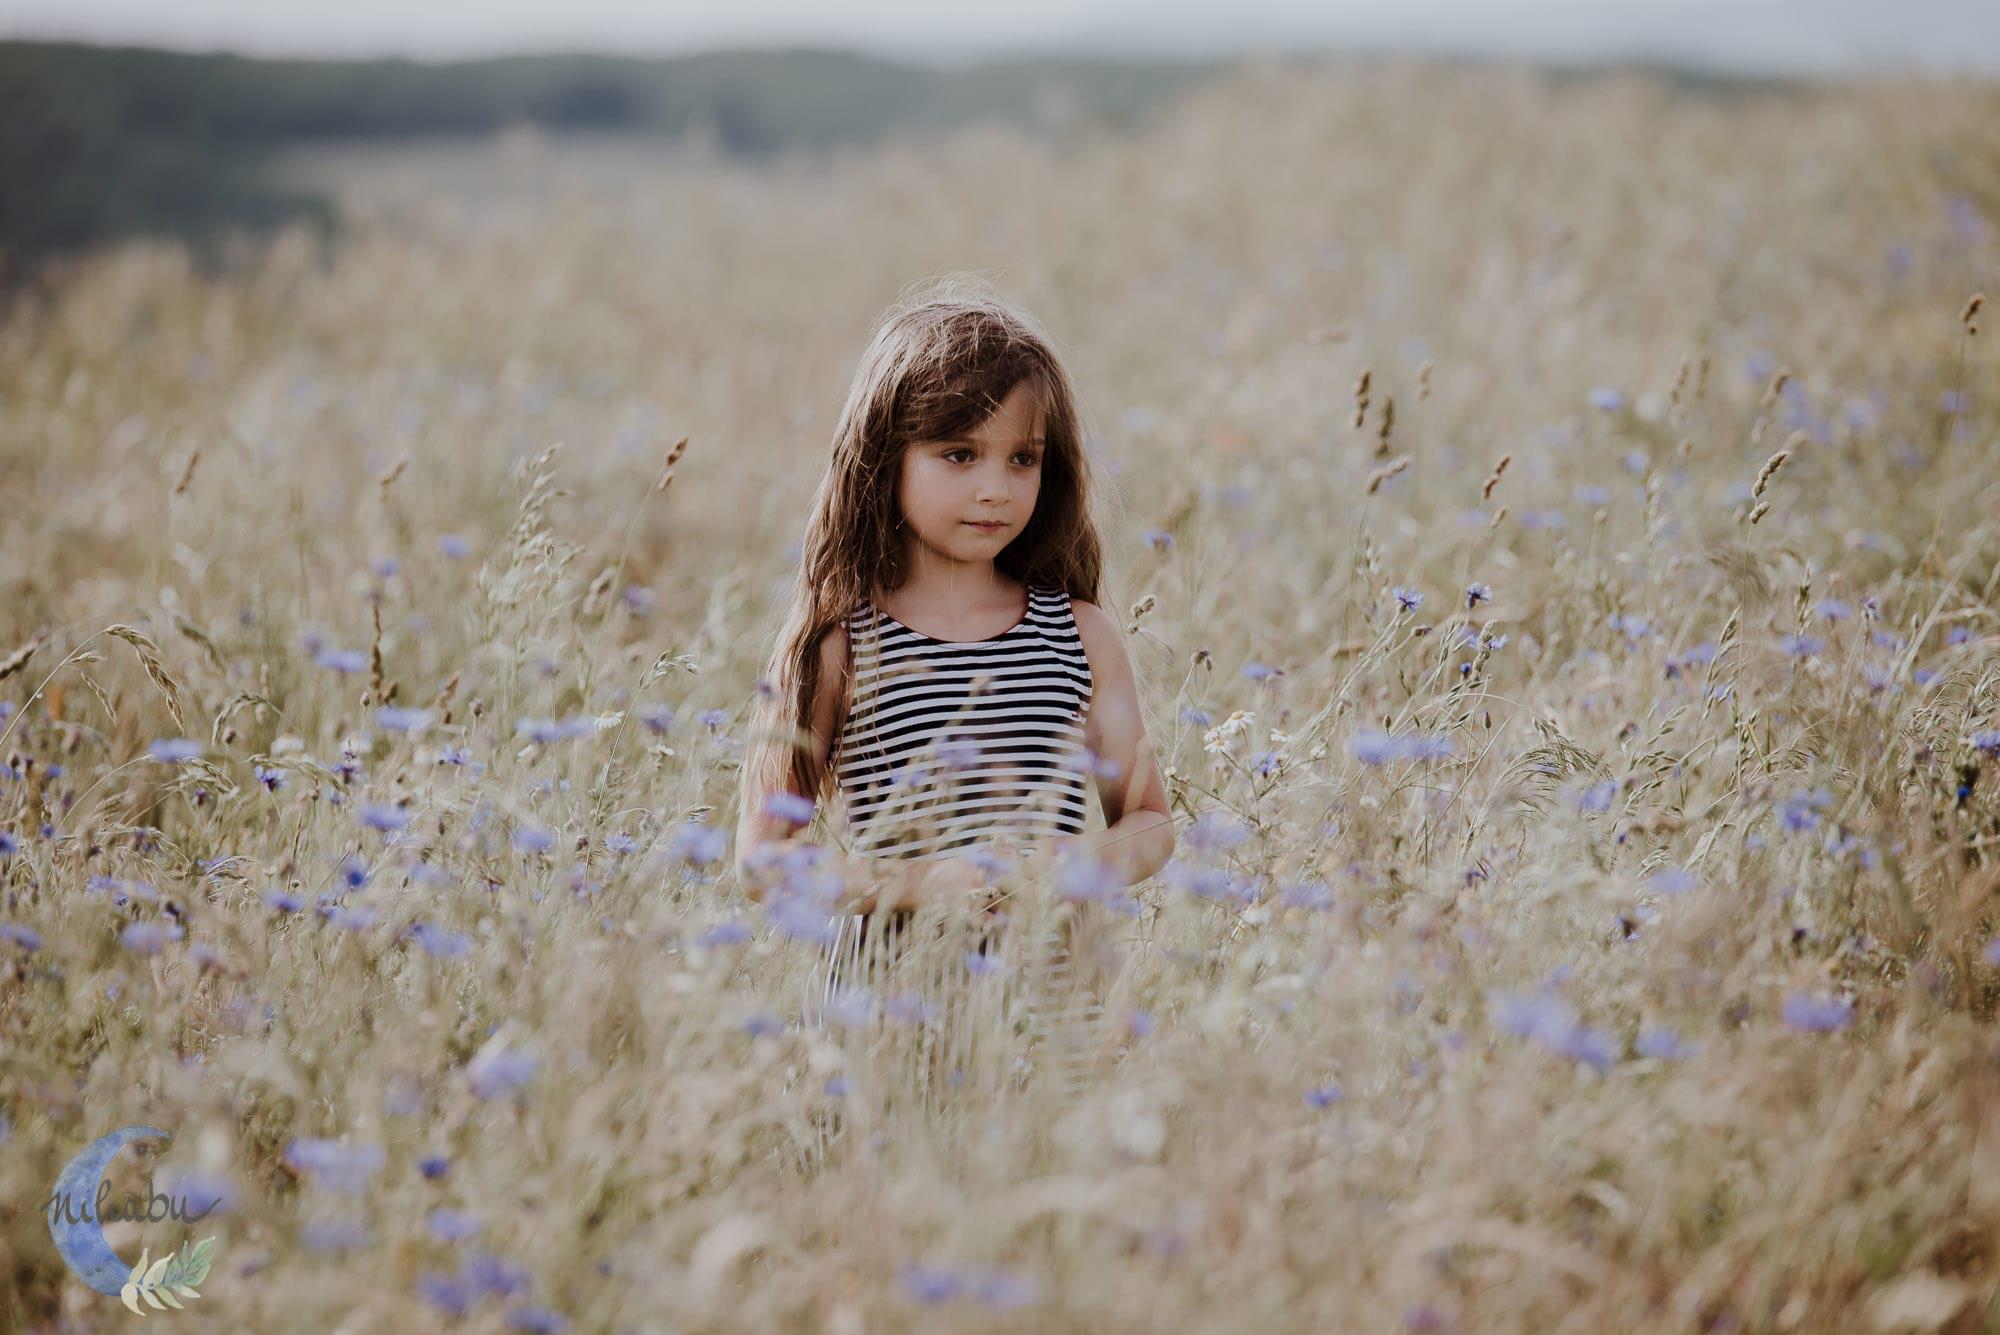 Kinderfotografin-Trier-Kornfeld-Blumenwiese-14